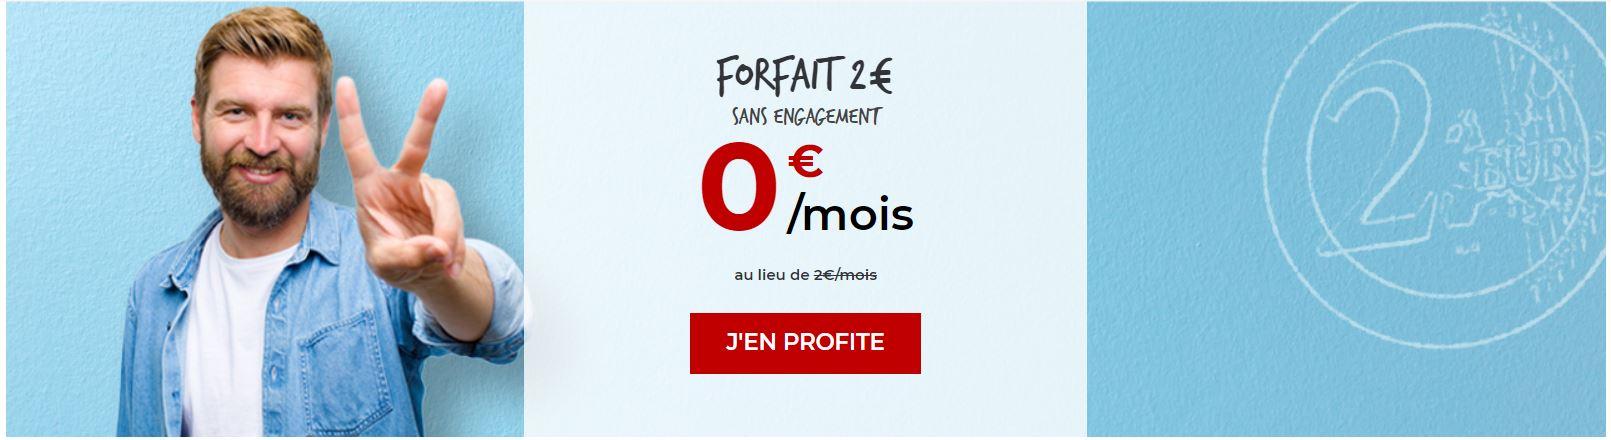 forfait mobile gratuit de Free